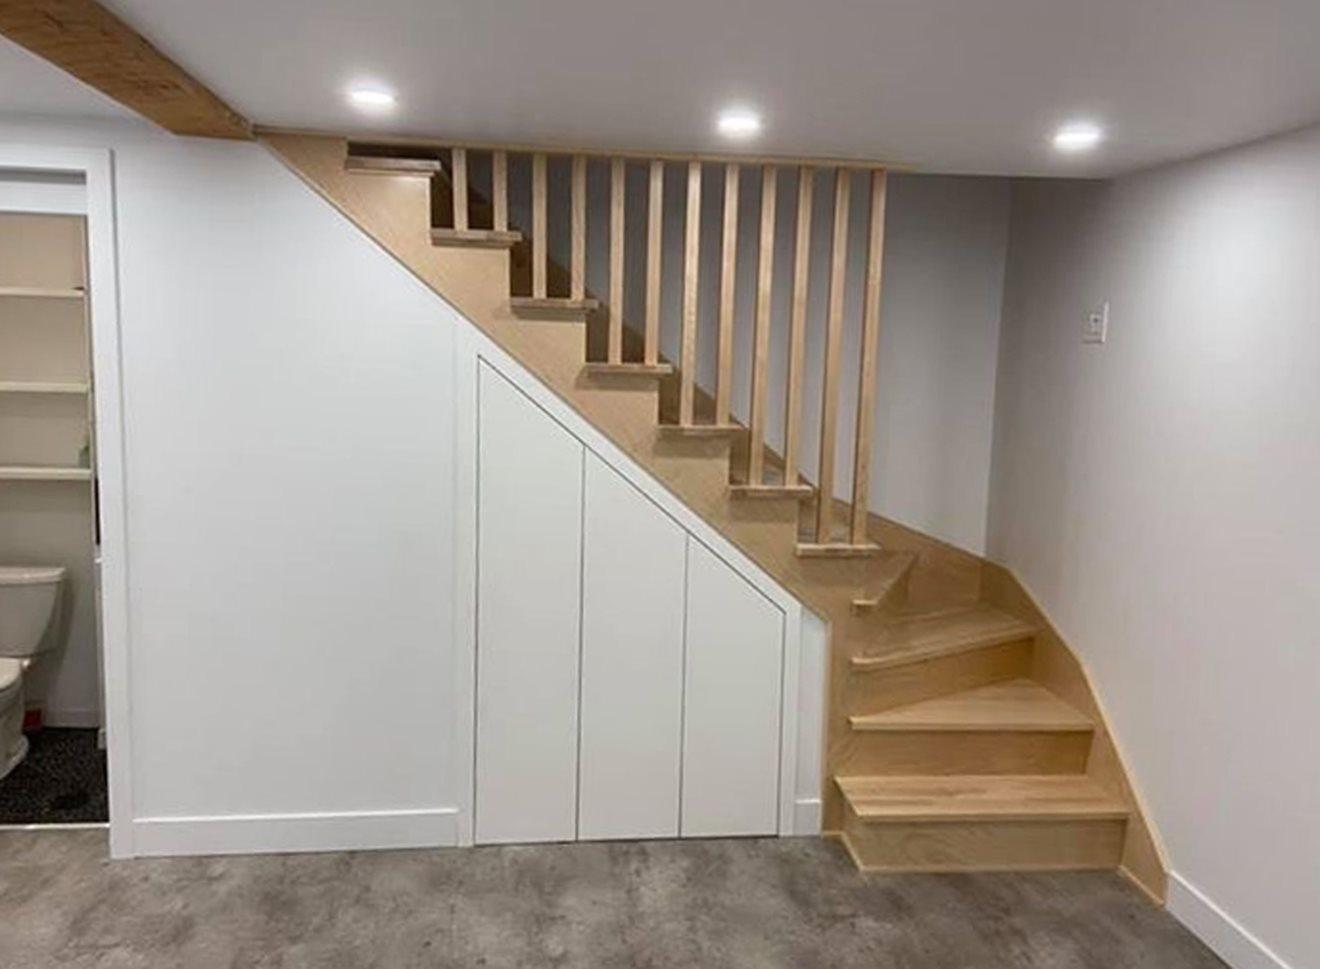 Picture of 10-Escalier barreaux de bois